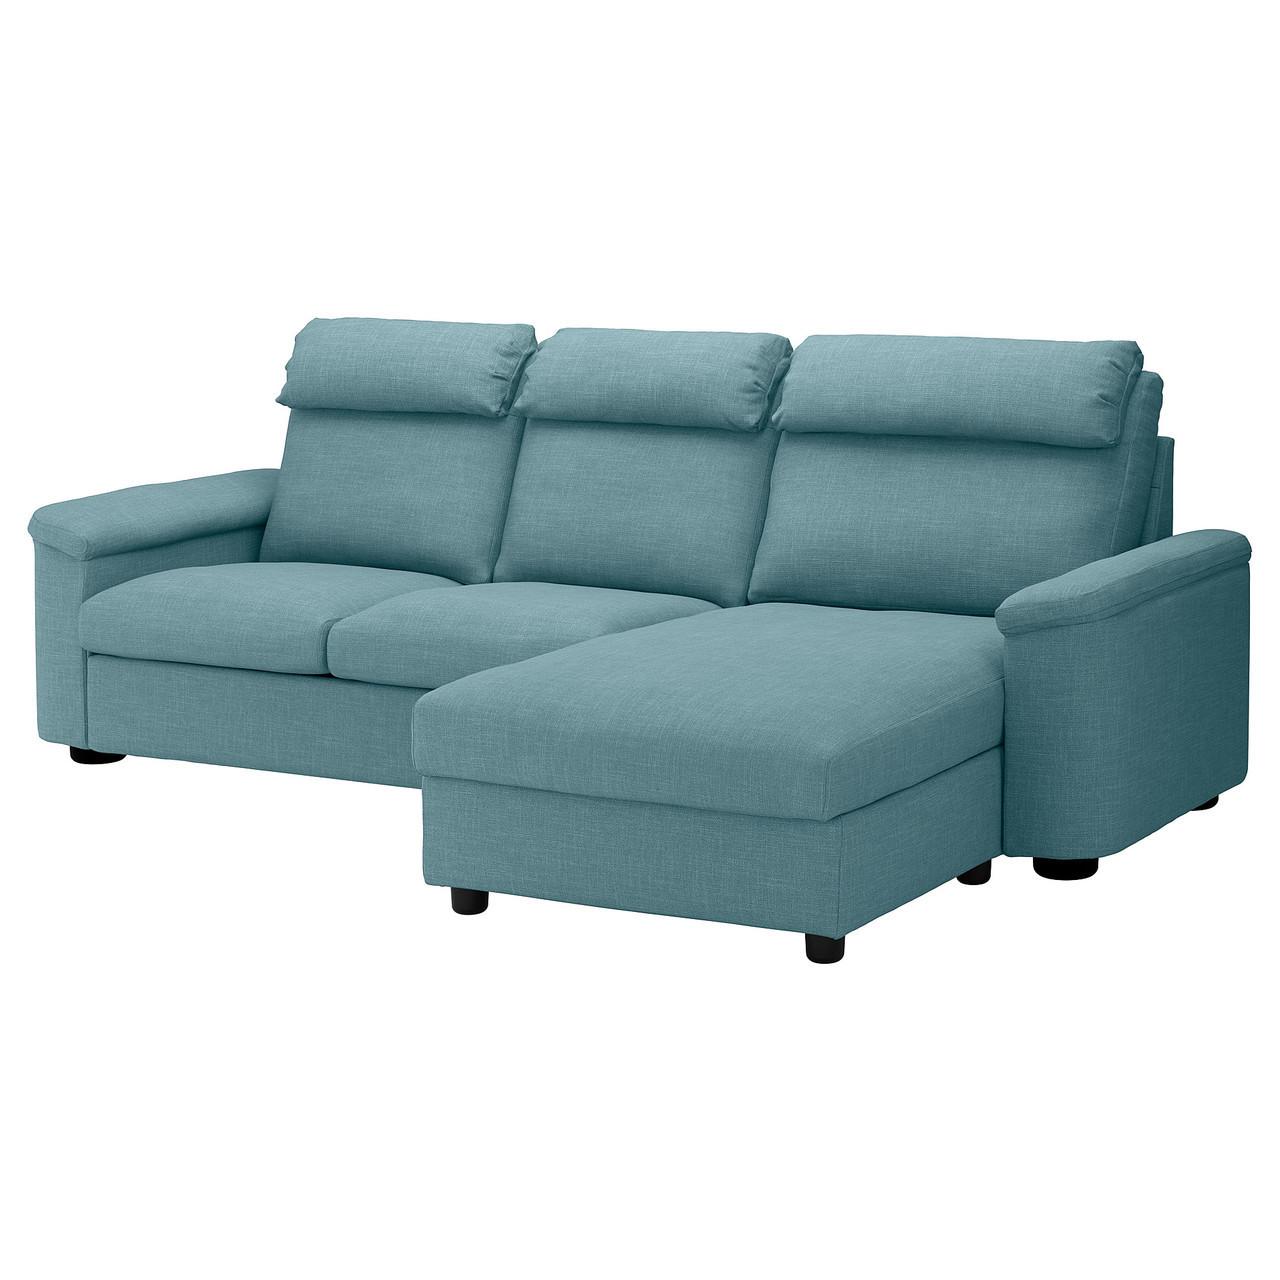 Диван IKEA LIDHULT 3-местный с шезлонгом Gassebol голубой 992.571.57